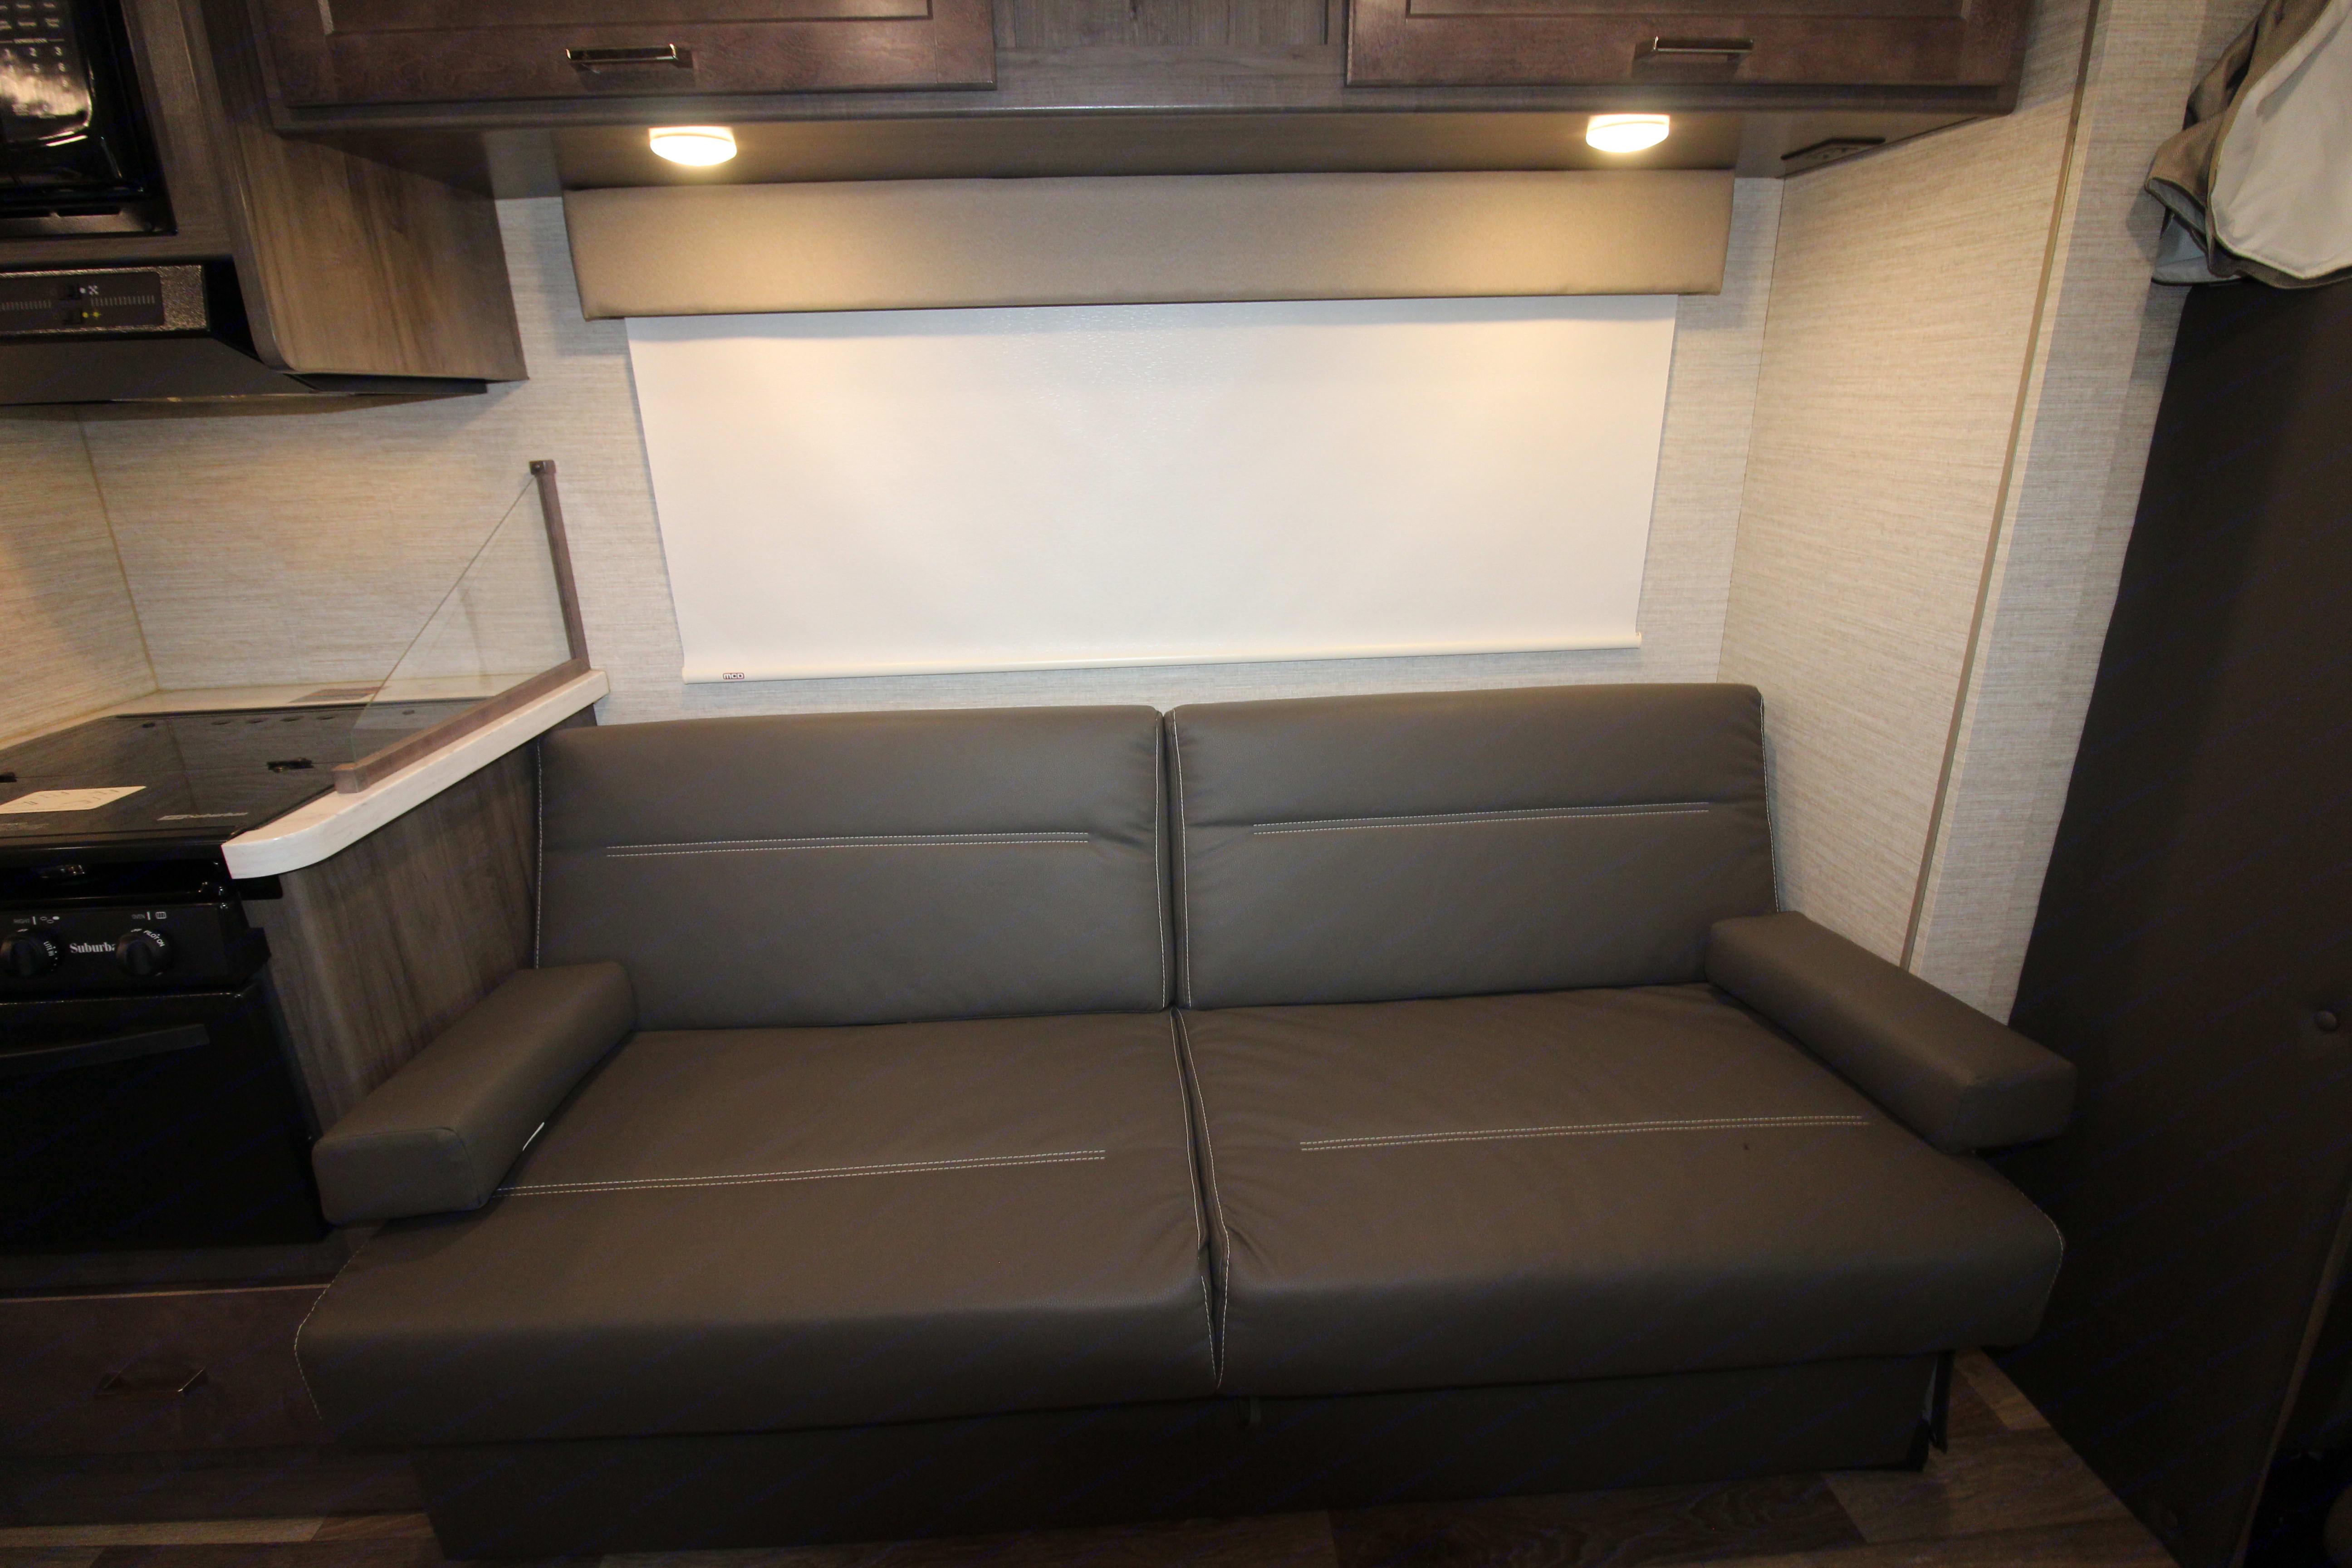 Sofa (converts into bed). Winnebago Minnie Winnie 2020